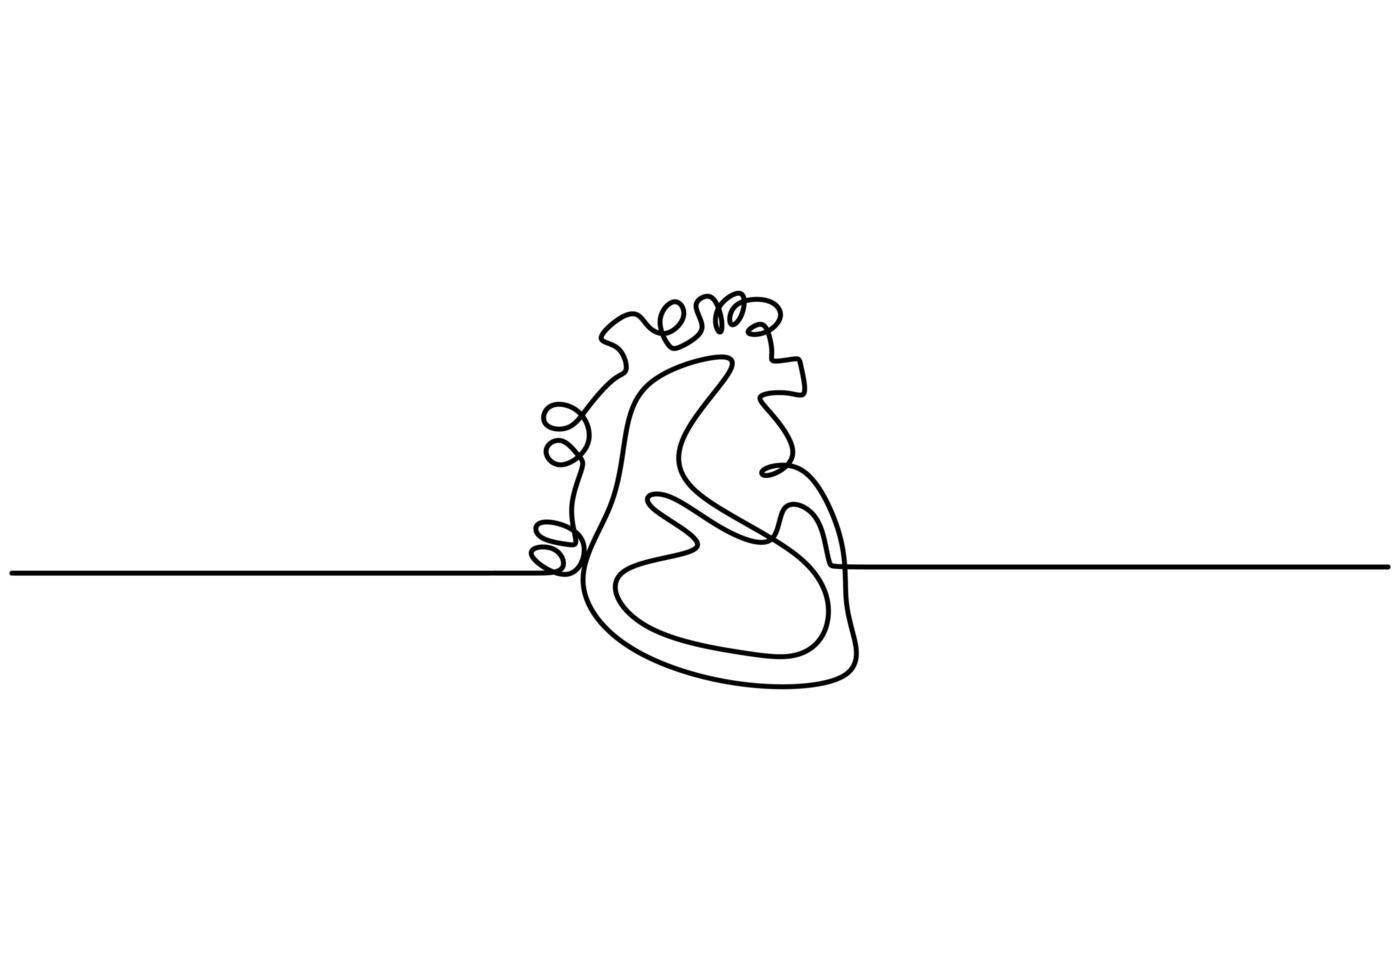 silueta de corazón humano anatómico de línea continua única. vector